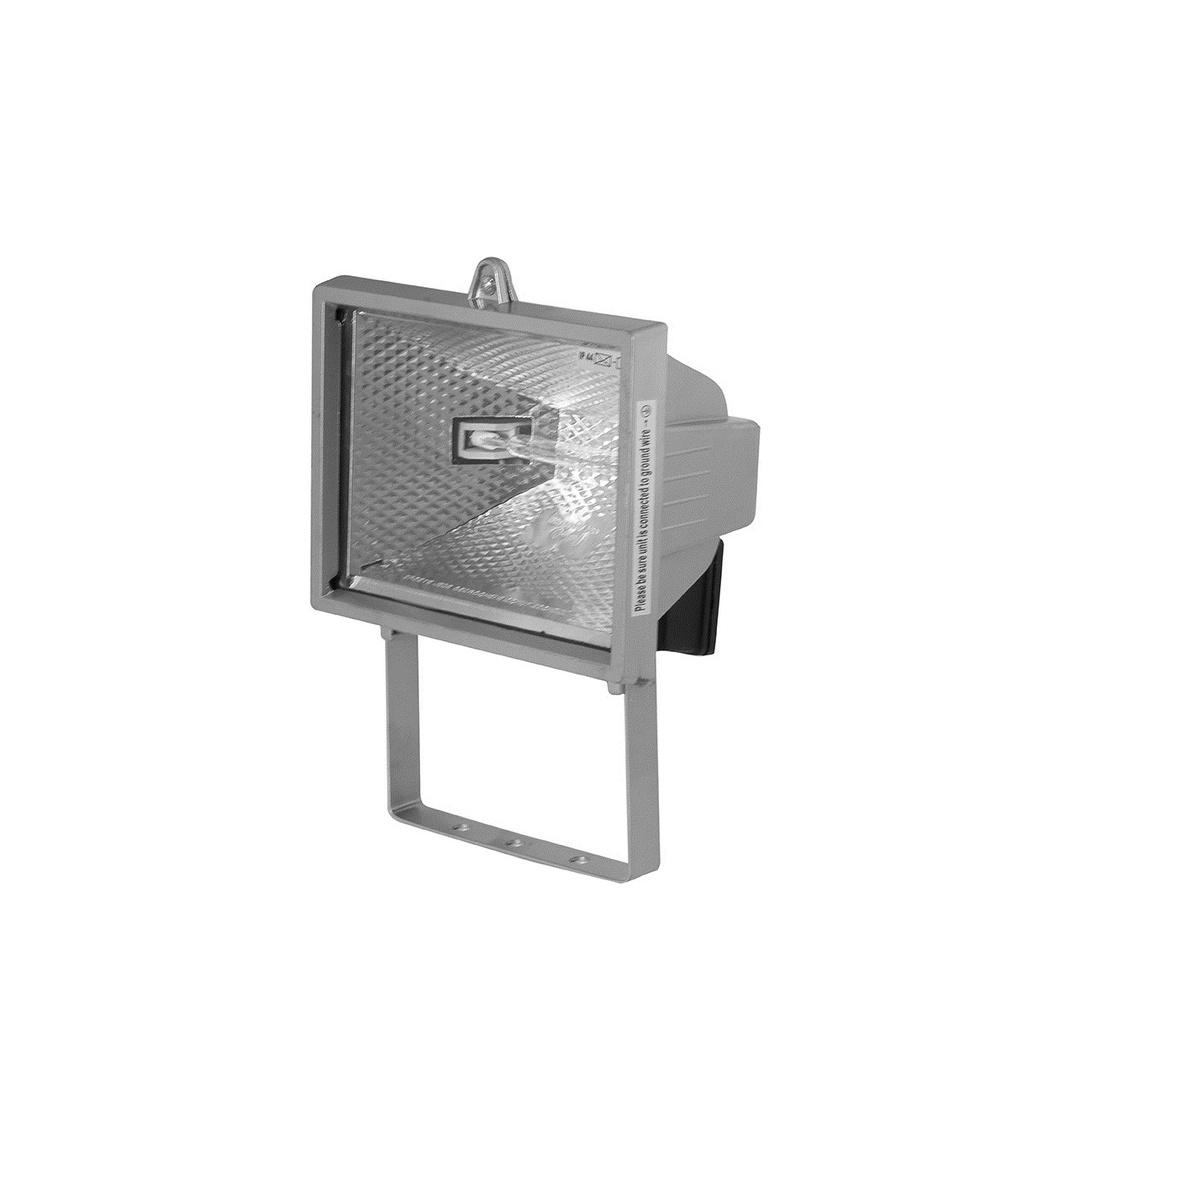 VANA venkovní reflektorové svítidlo 500W, stříbrná, Panlux